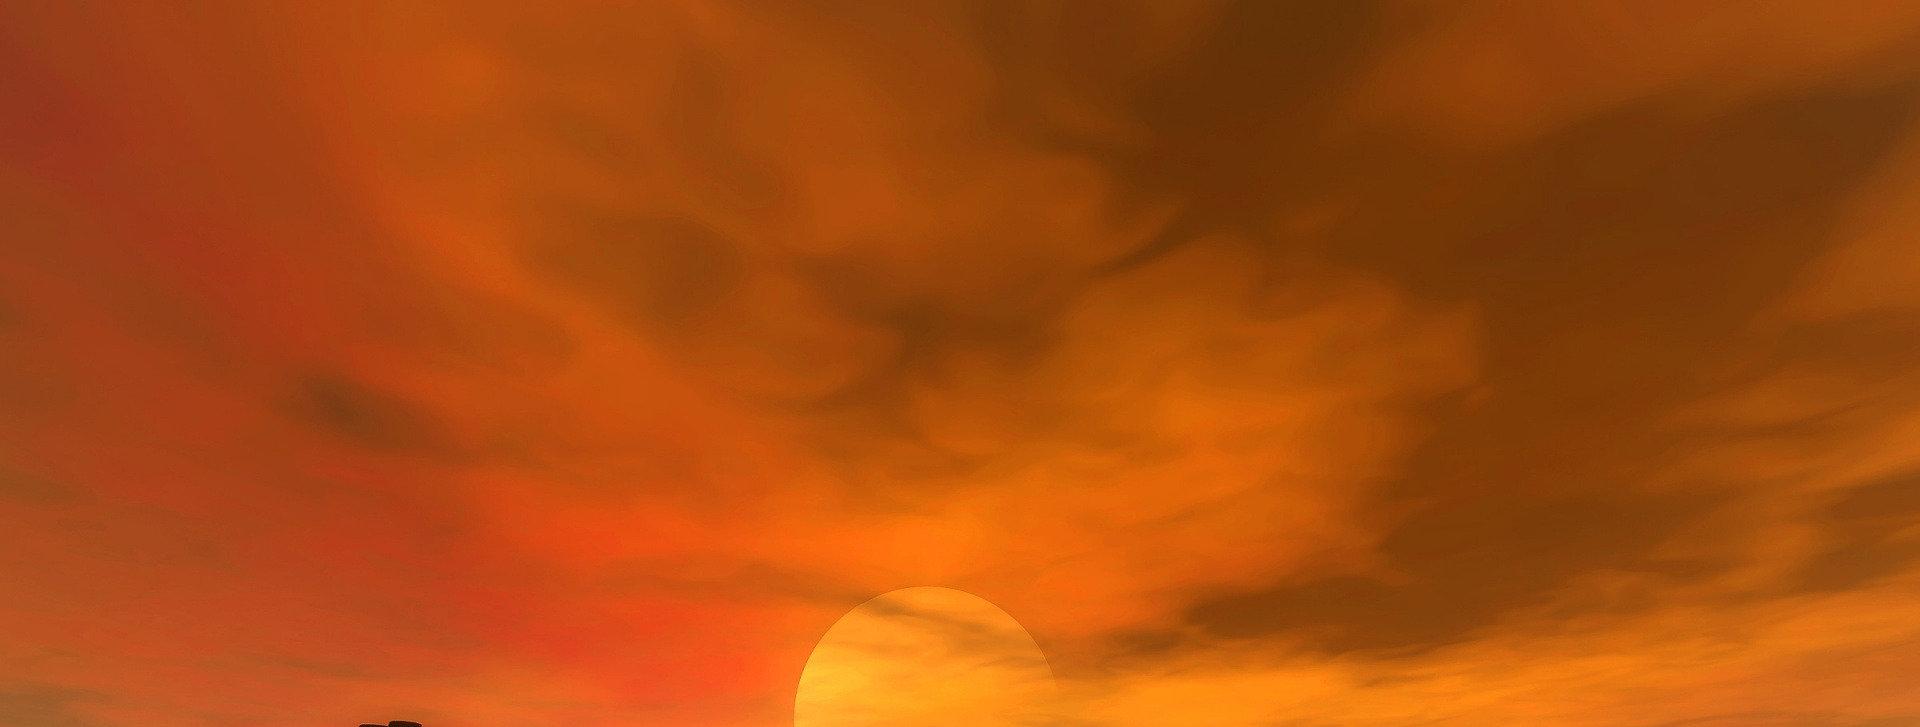 desert-ruins-4_edited.jpg